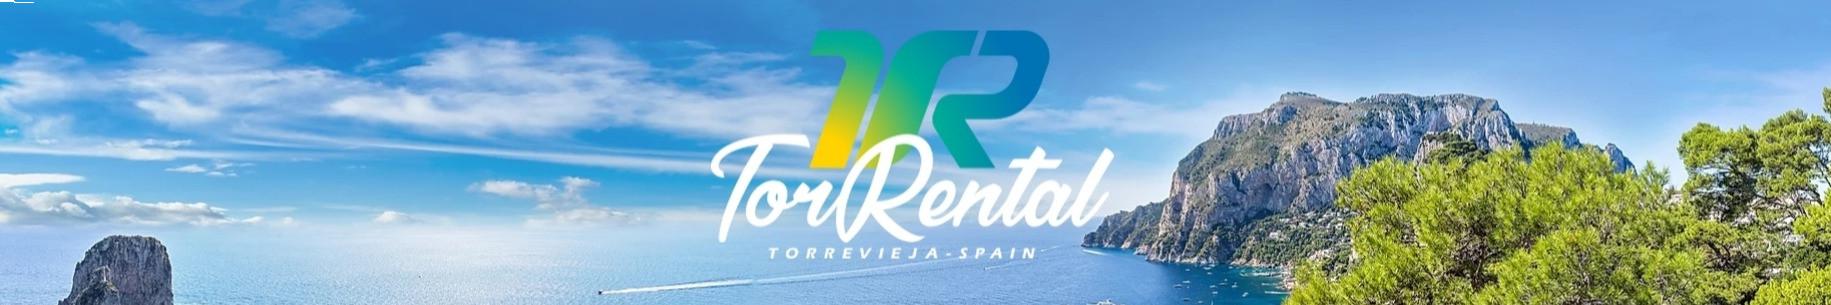 TorRental - Аренда авто и жилья в Испании